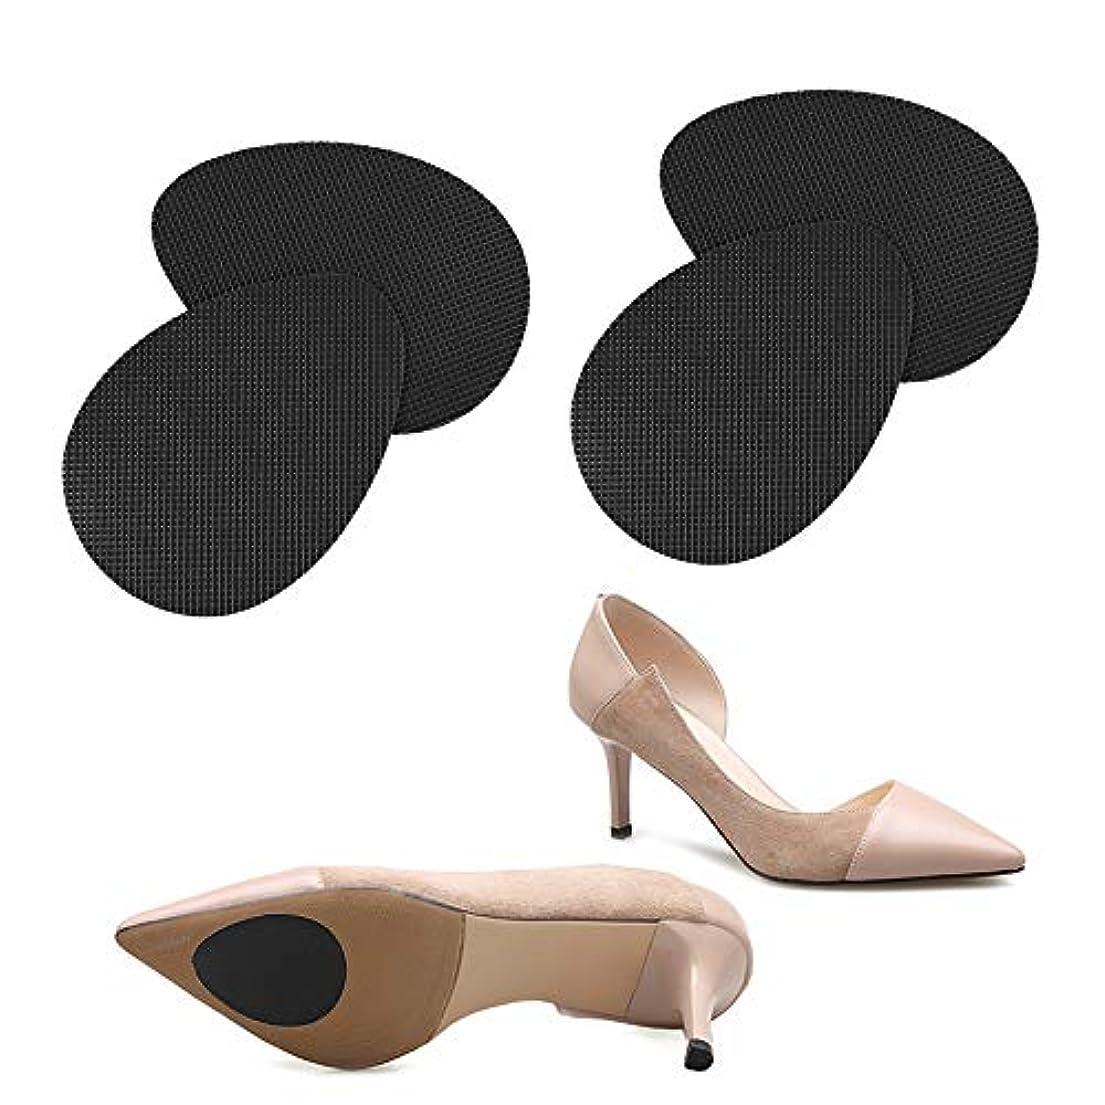 起訴するセーブ曇った靴 滑り止め ステッカー,LINECY 【スリップガード】靴保護 シート つま先&かかと 靴底補修 滑り止め (2足4枚いり)